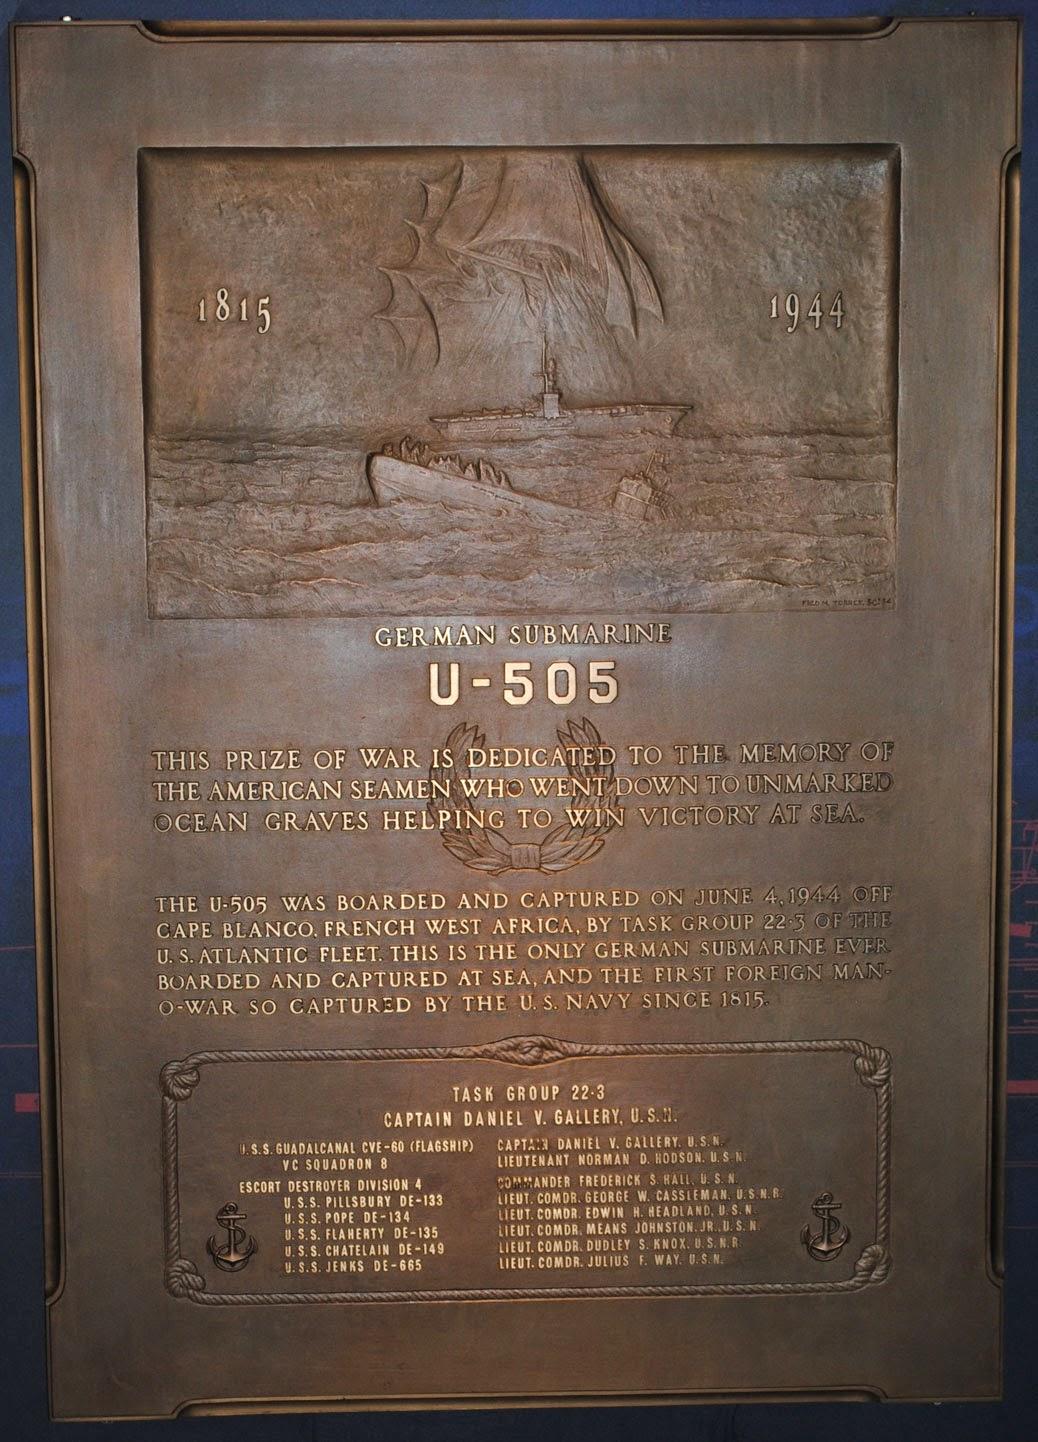 U-505 National Landmark